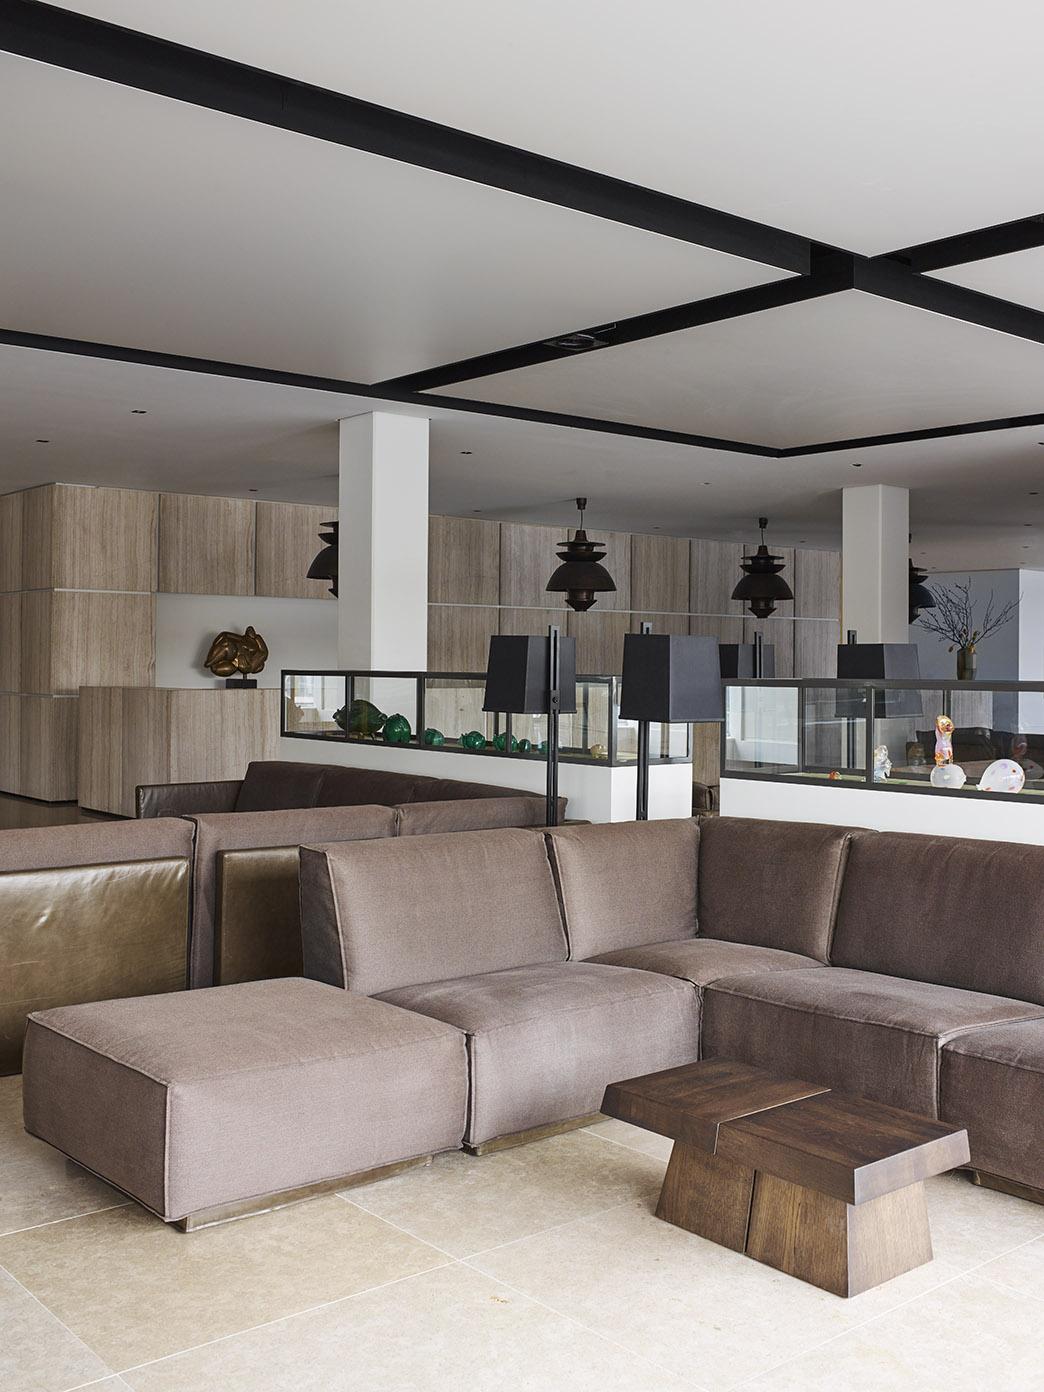 DOUTZEN sofa at Delta lloyd